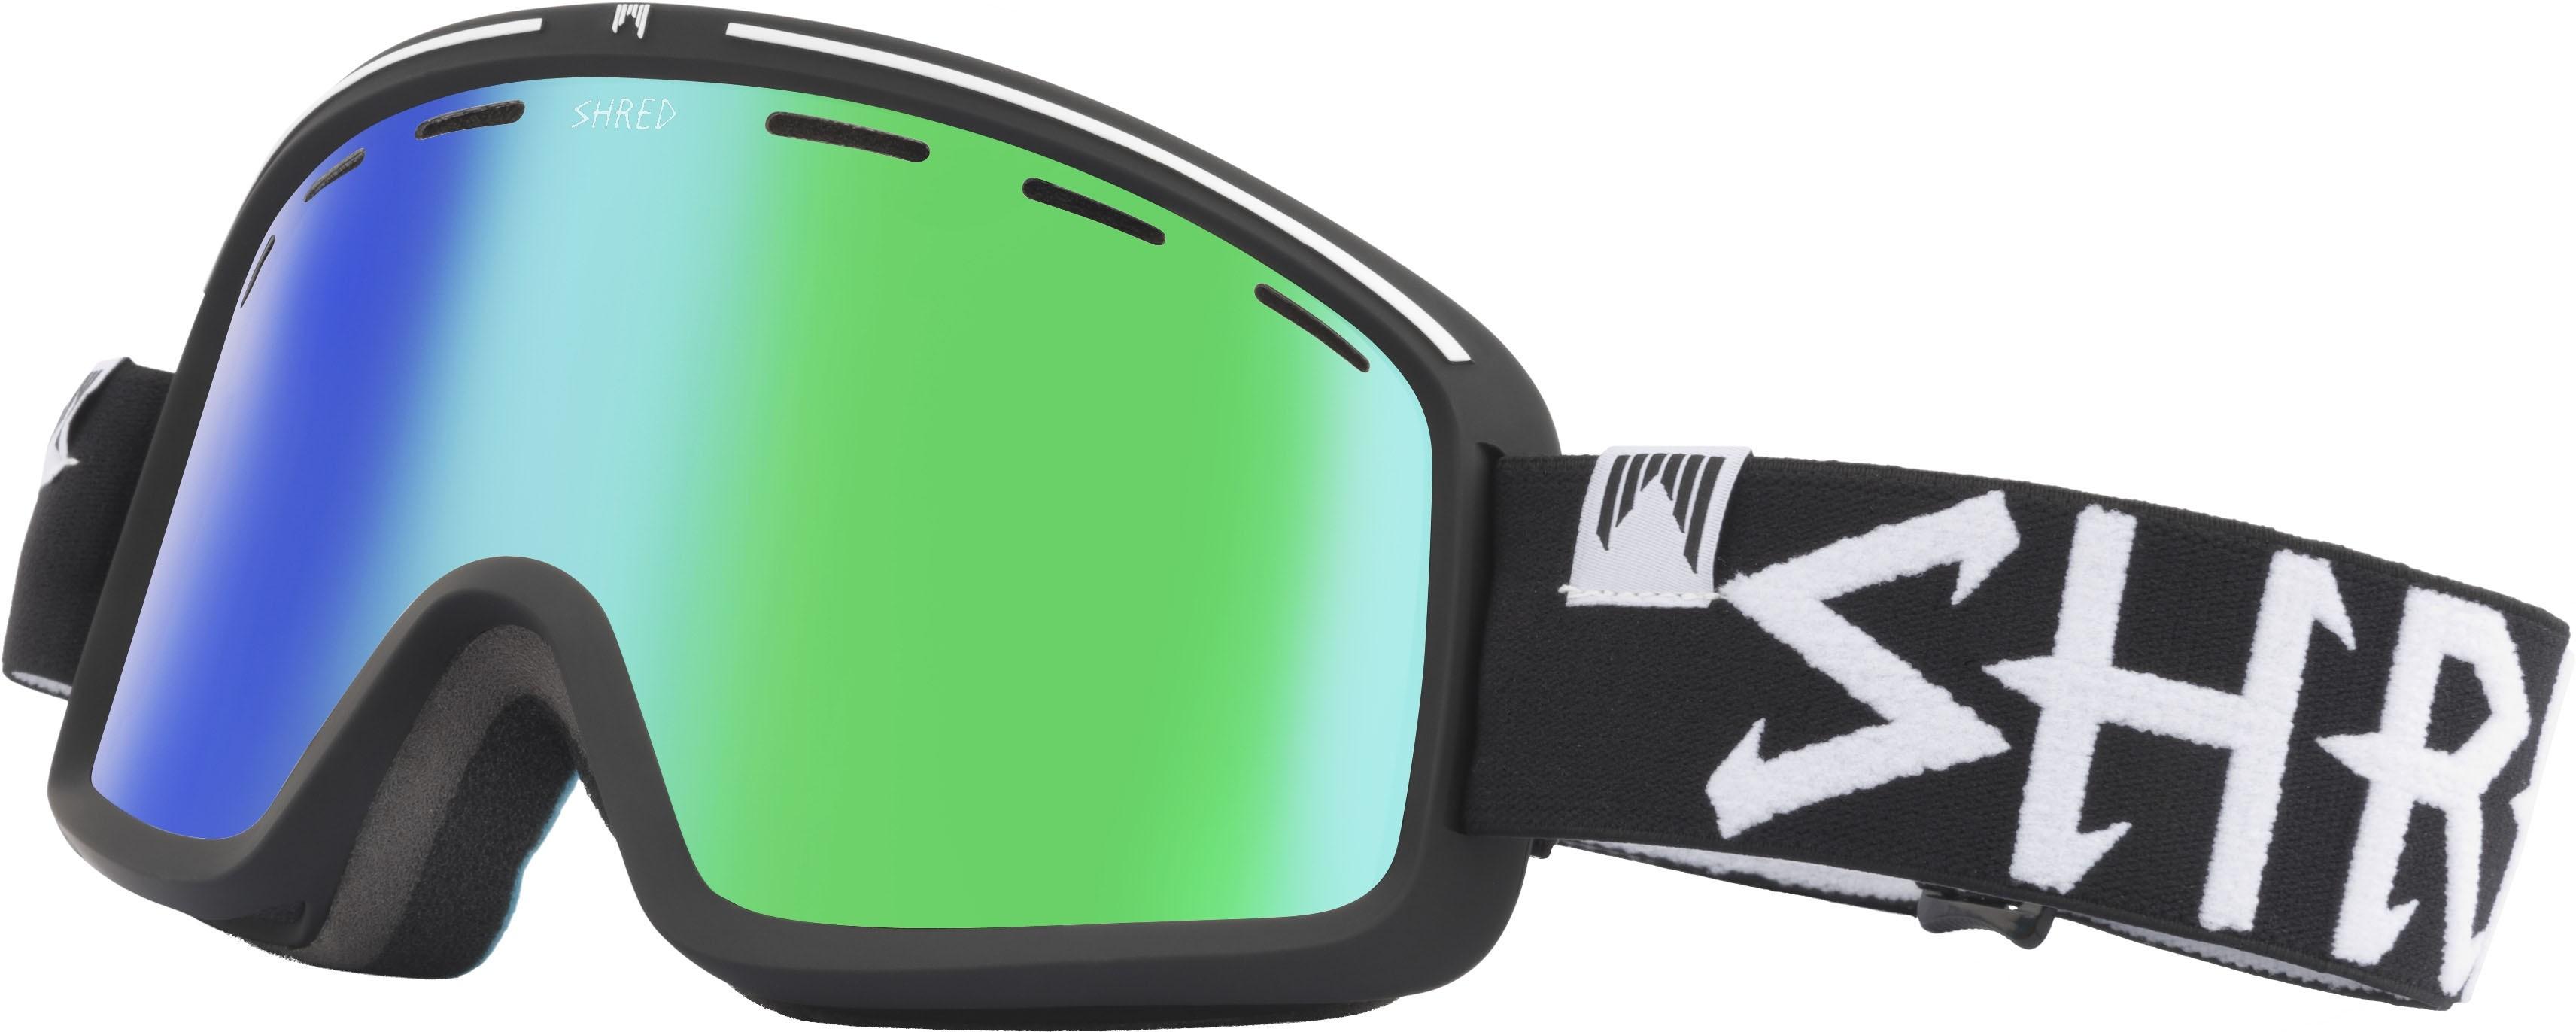 CBL green/plasma